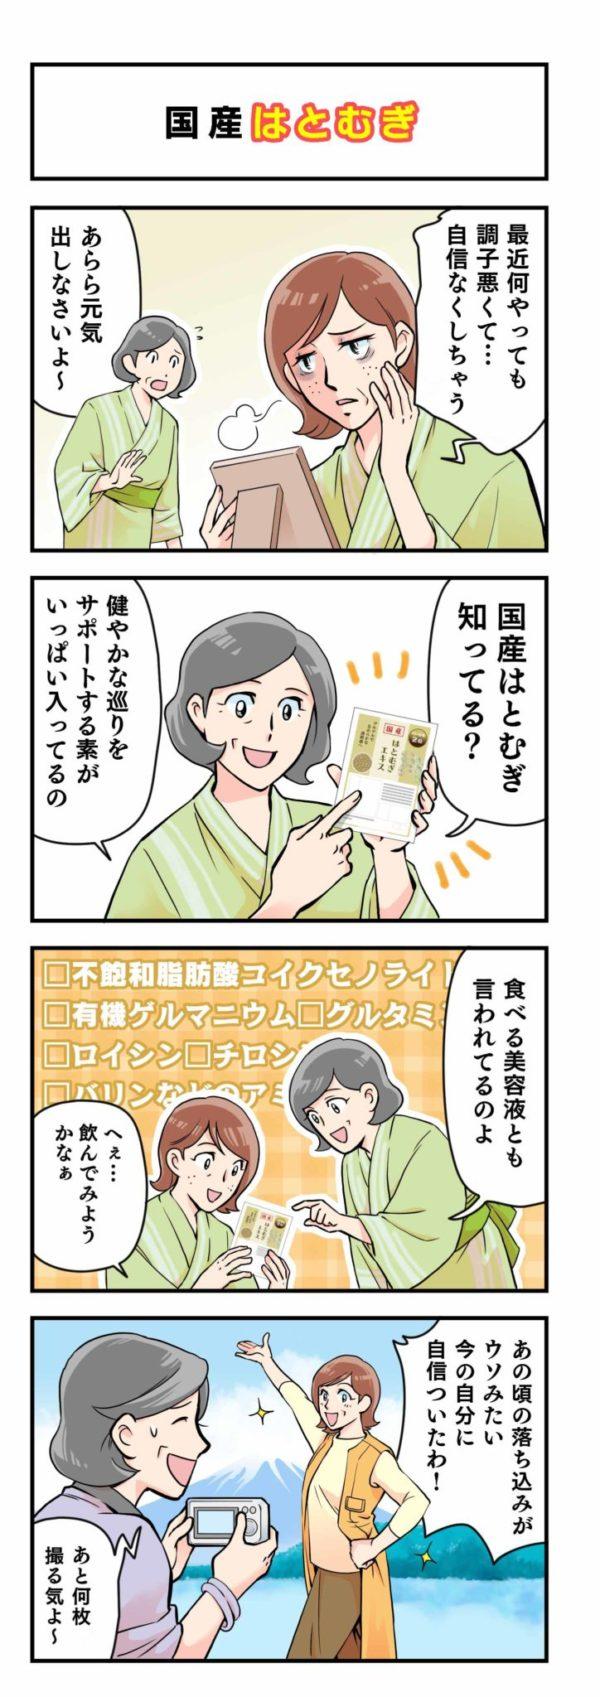 「国産はとむぎエキス」商品紹介4コマ漫画